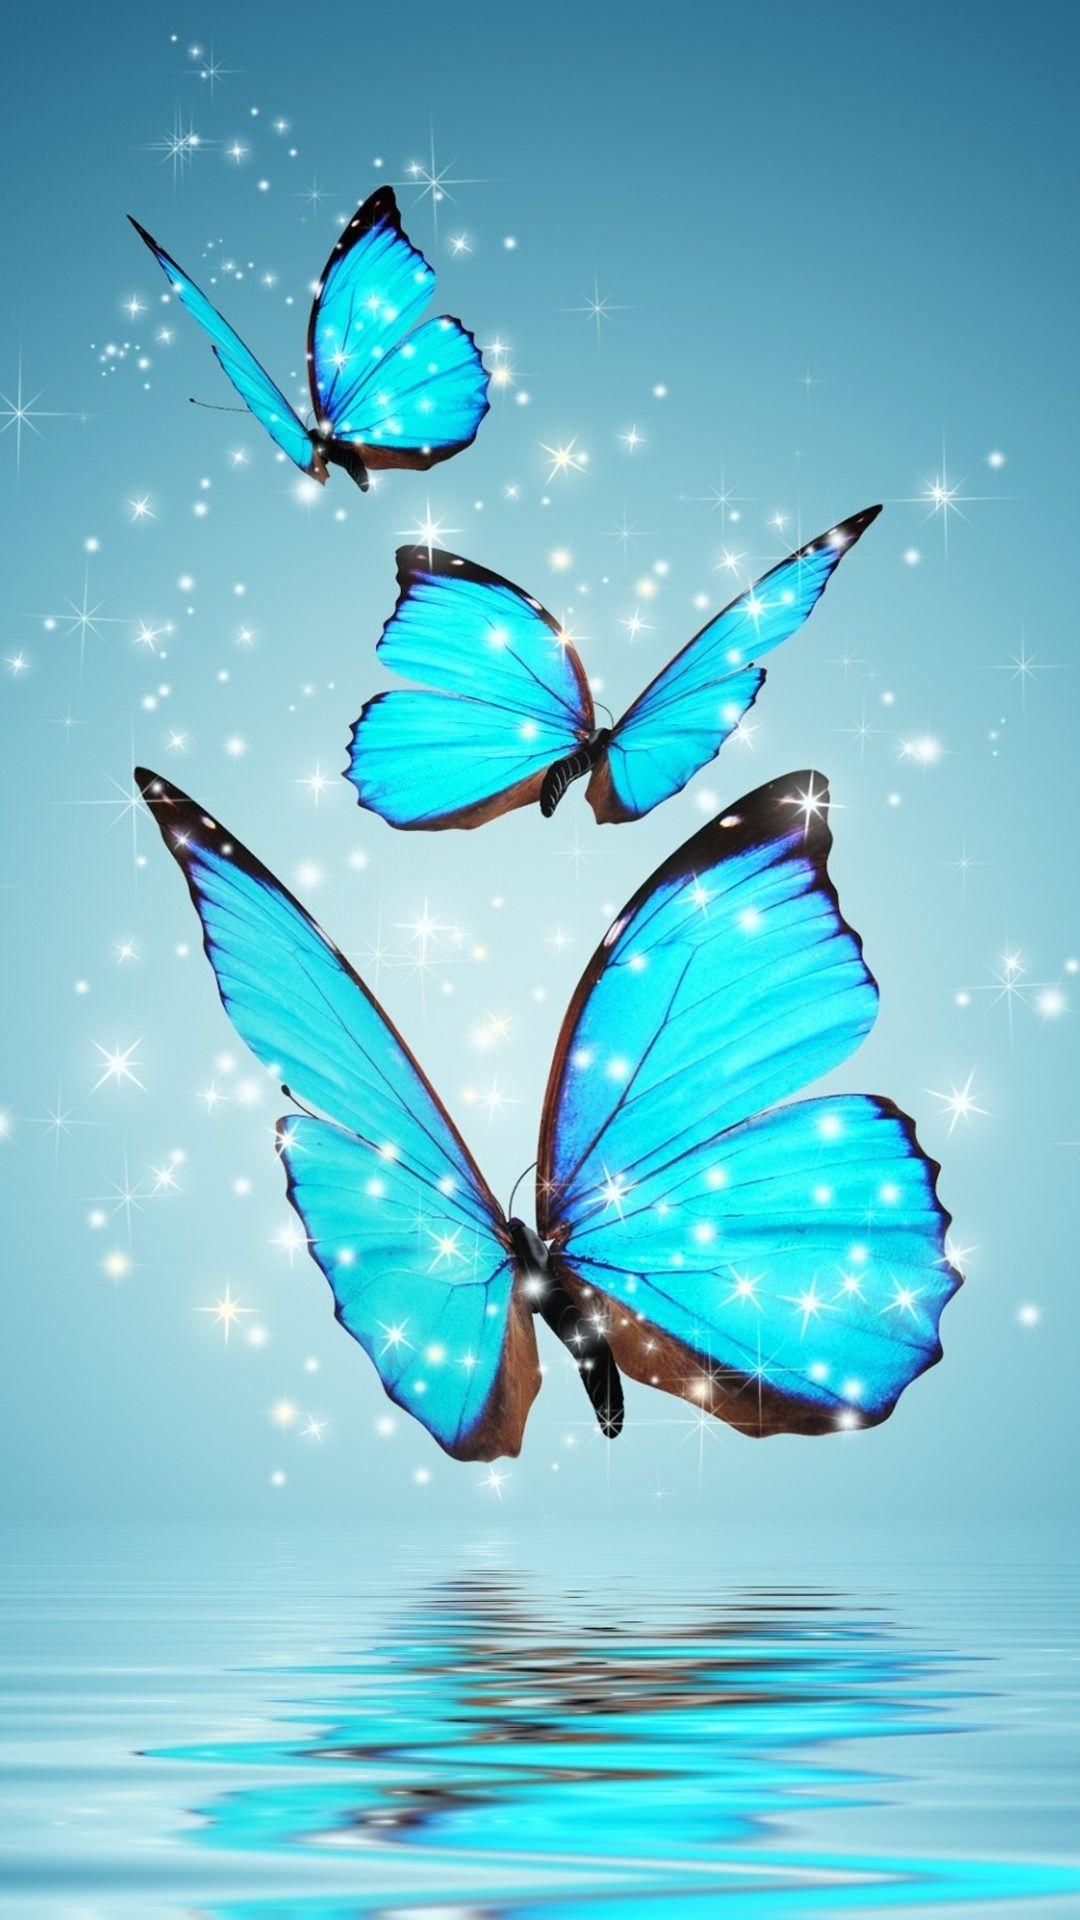 3匹の蝶 Iphone6 Plus 壁紙 Butterfly In 2019 蝶々 イラスト 蝶